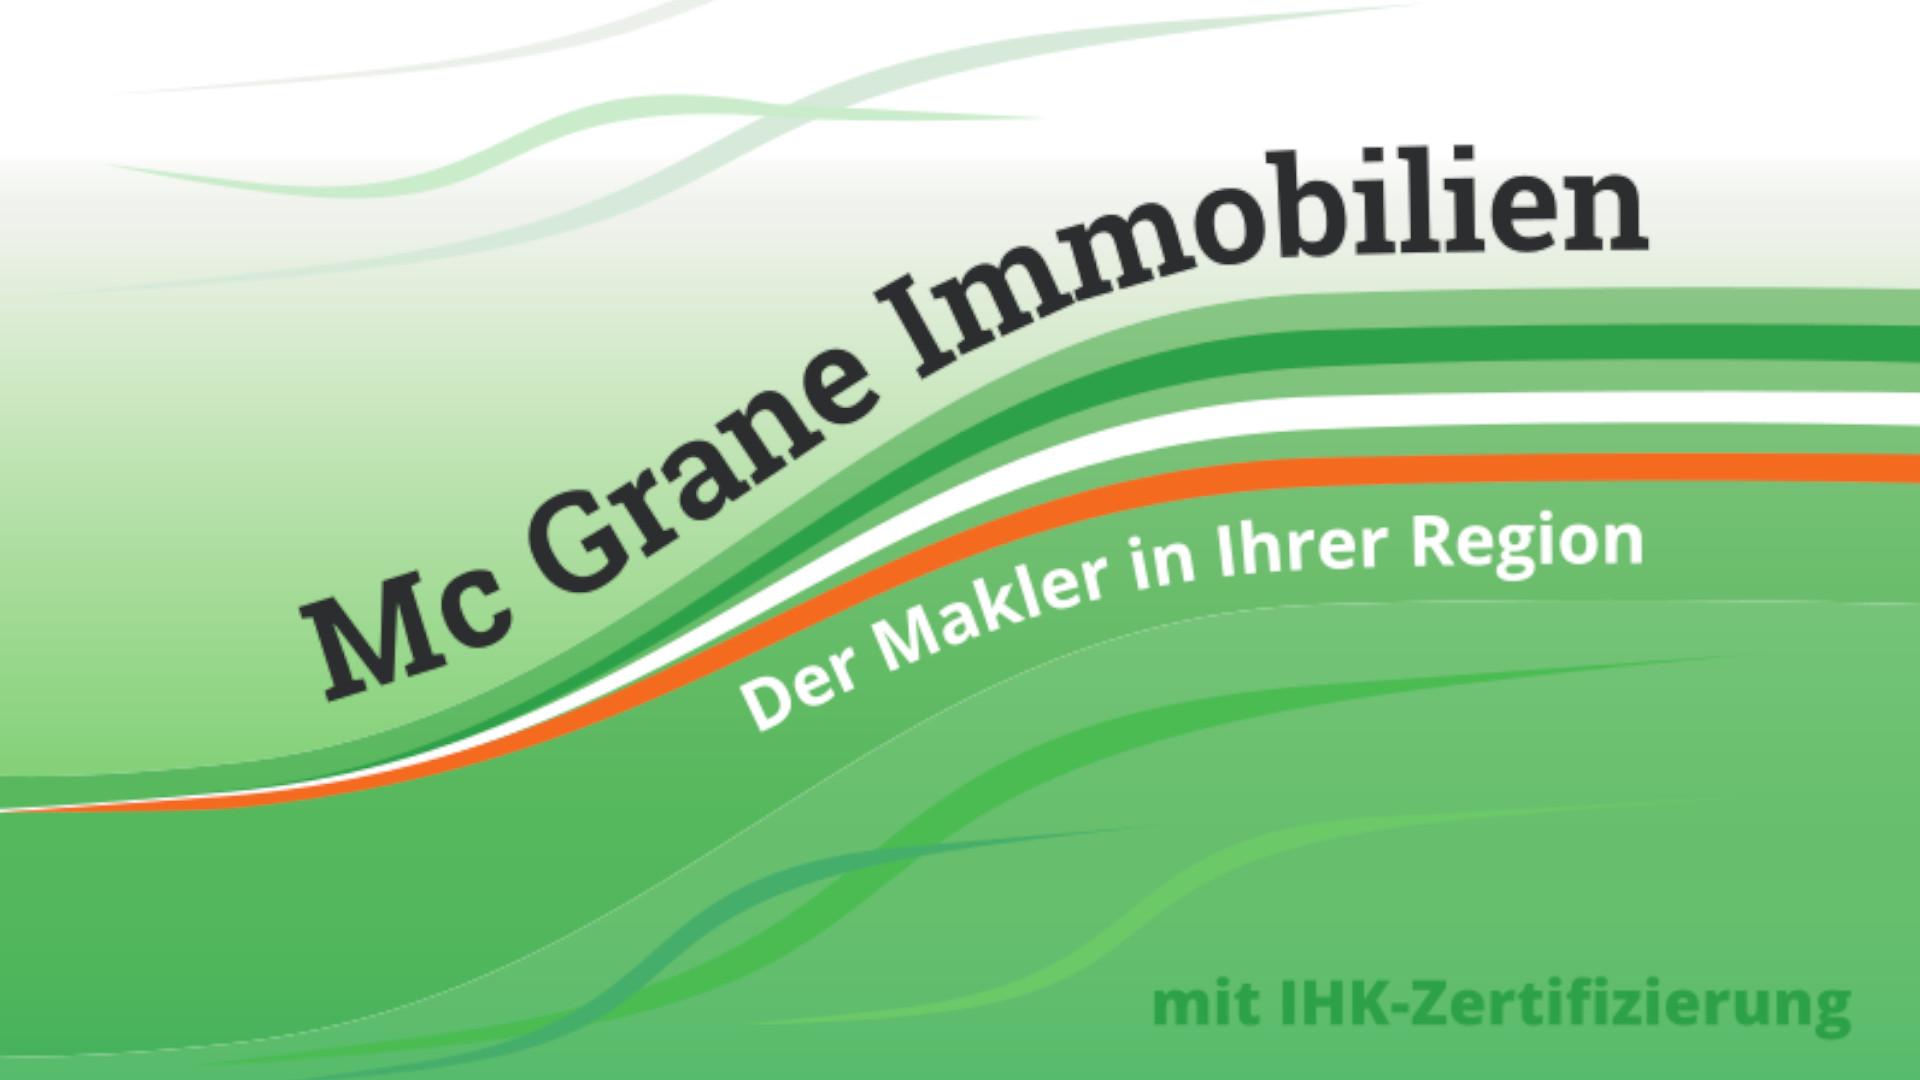 Thumbnail Visitenkarte: Mc Grane Immobilien